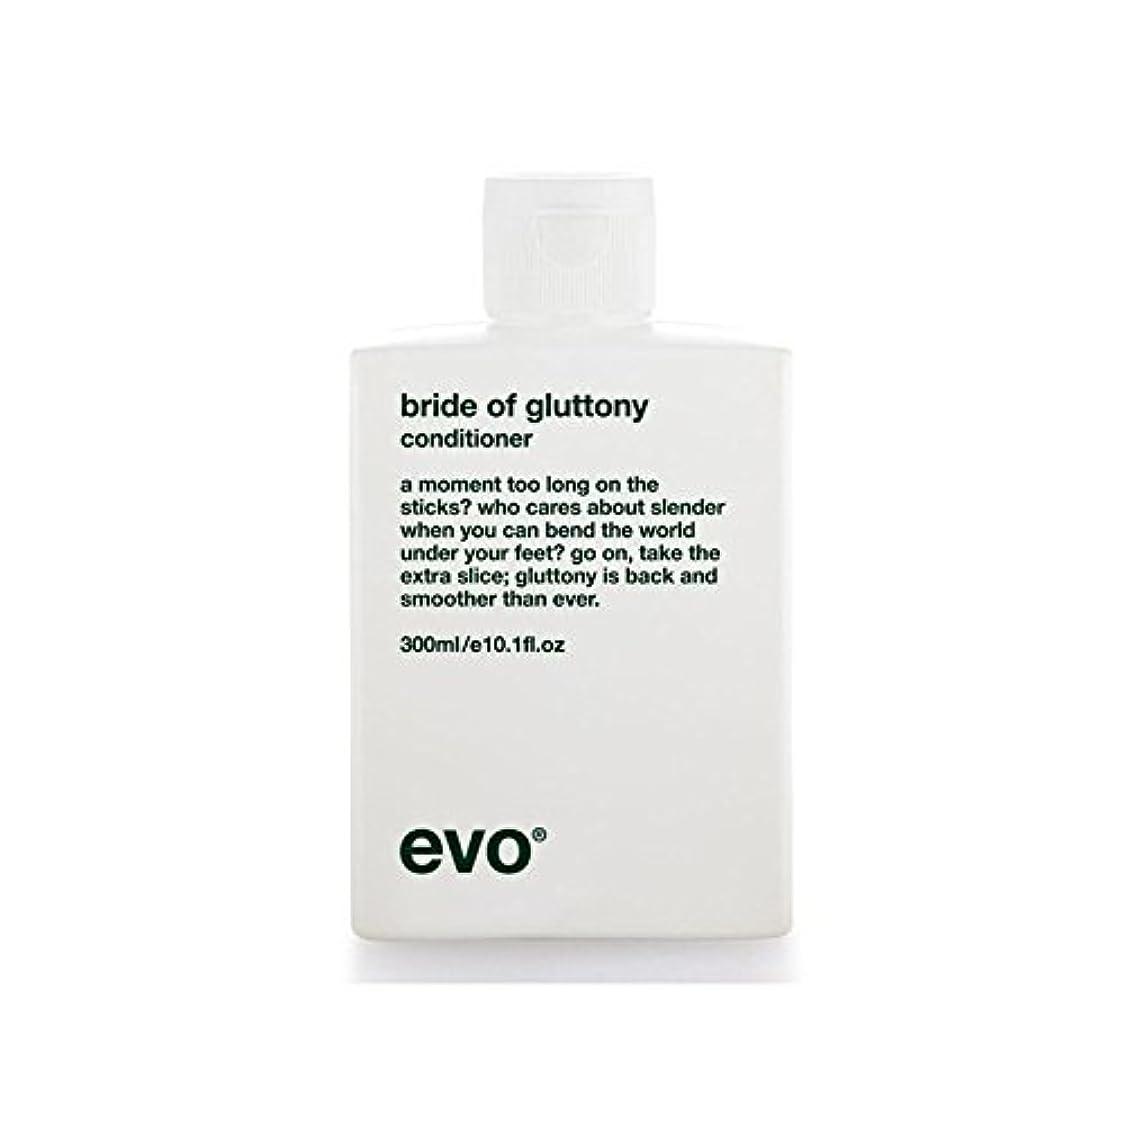 シフト疑わしいこねる飽食のボリュームコンディショナーのエボ花嫁 x4 - Evo Bride Of Gluttony Volume Conditioner (Pack of 4) [並行輸入品]